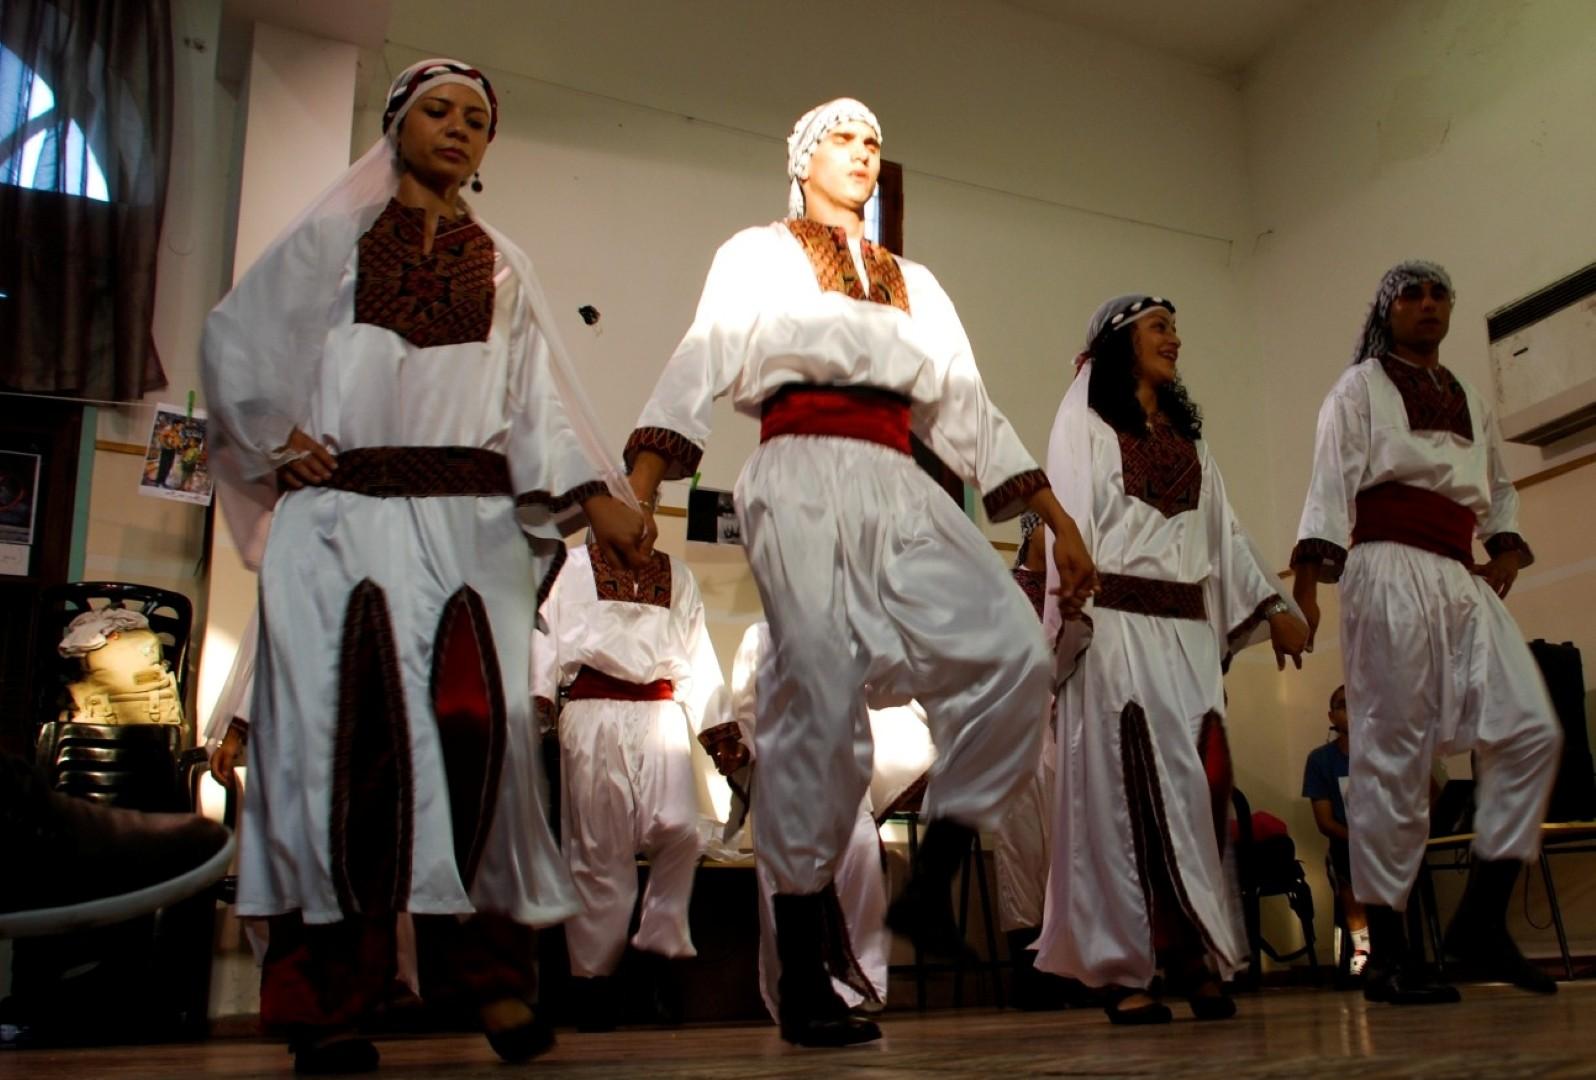 """يافا تعيش """"يومها الفلسطيني"""" بالثقافة والأدب والفنون"""